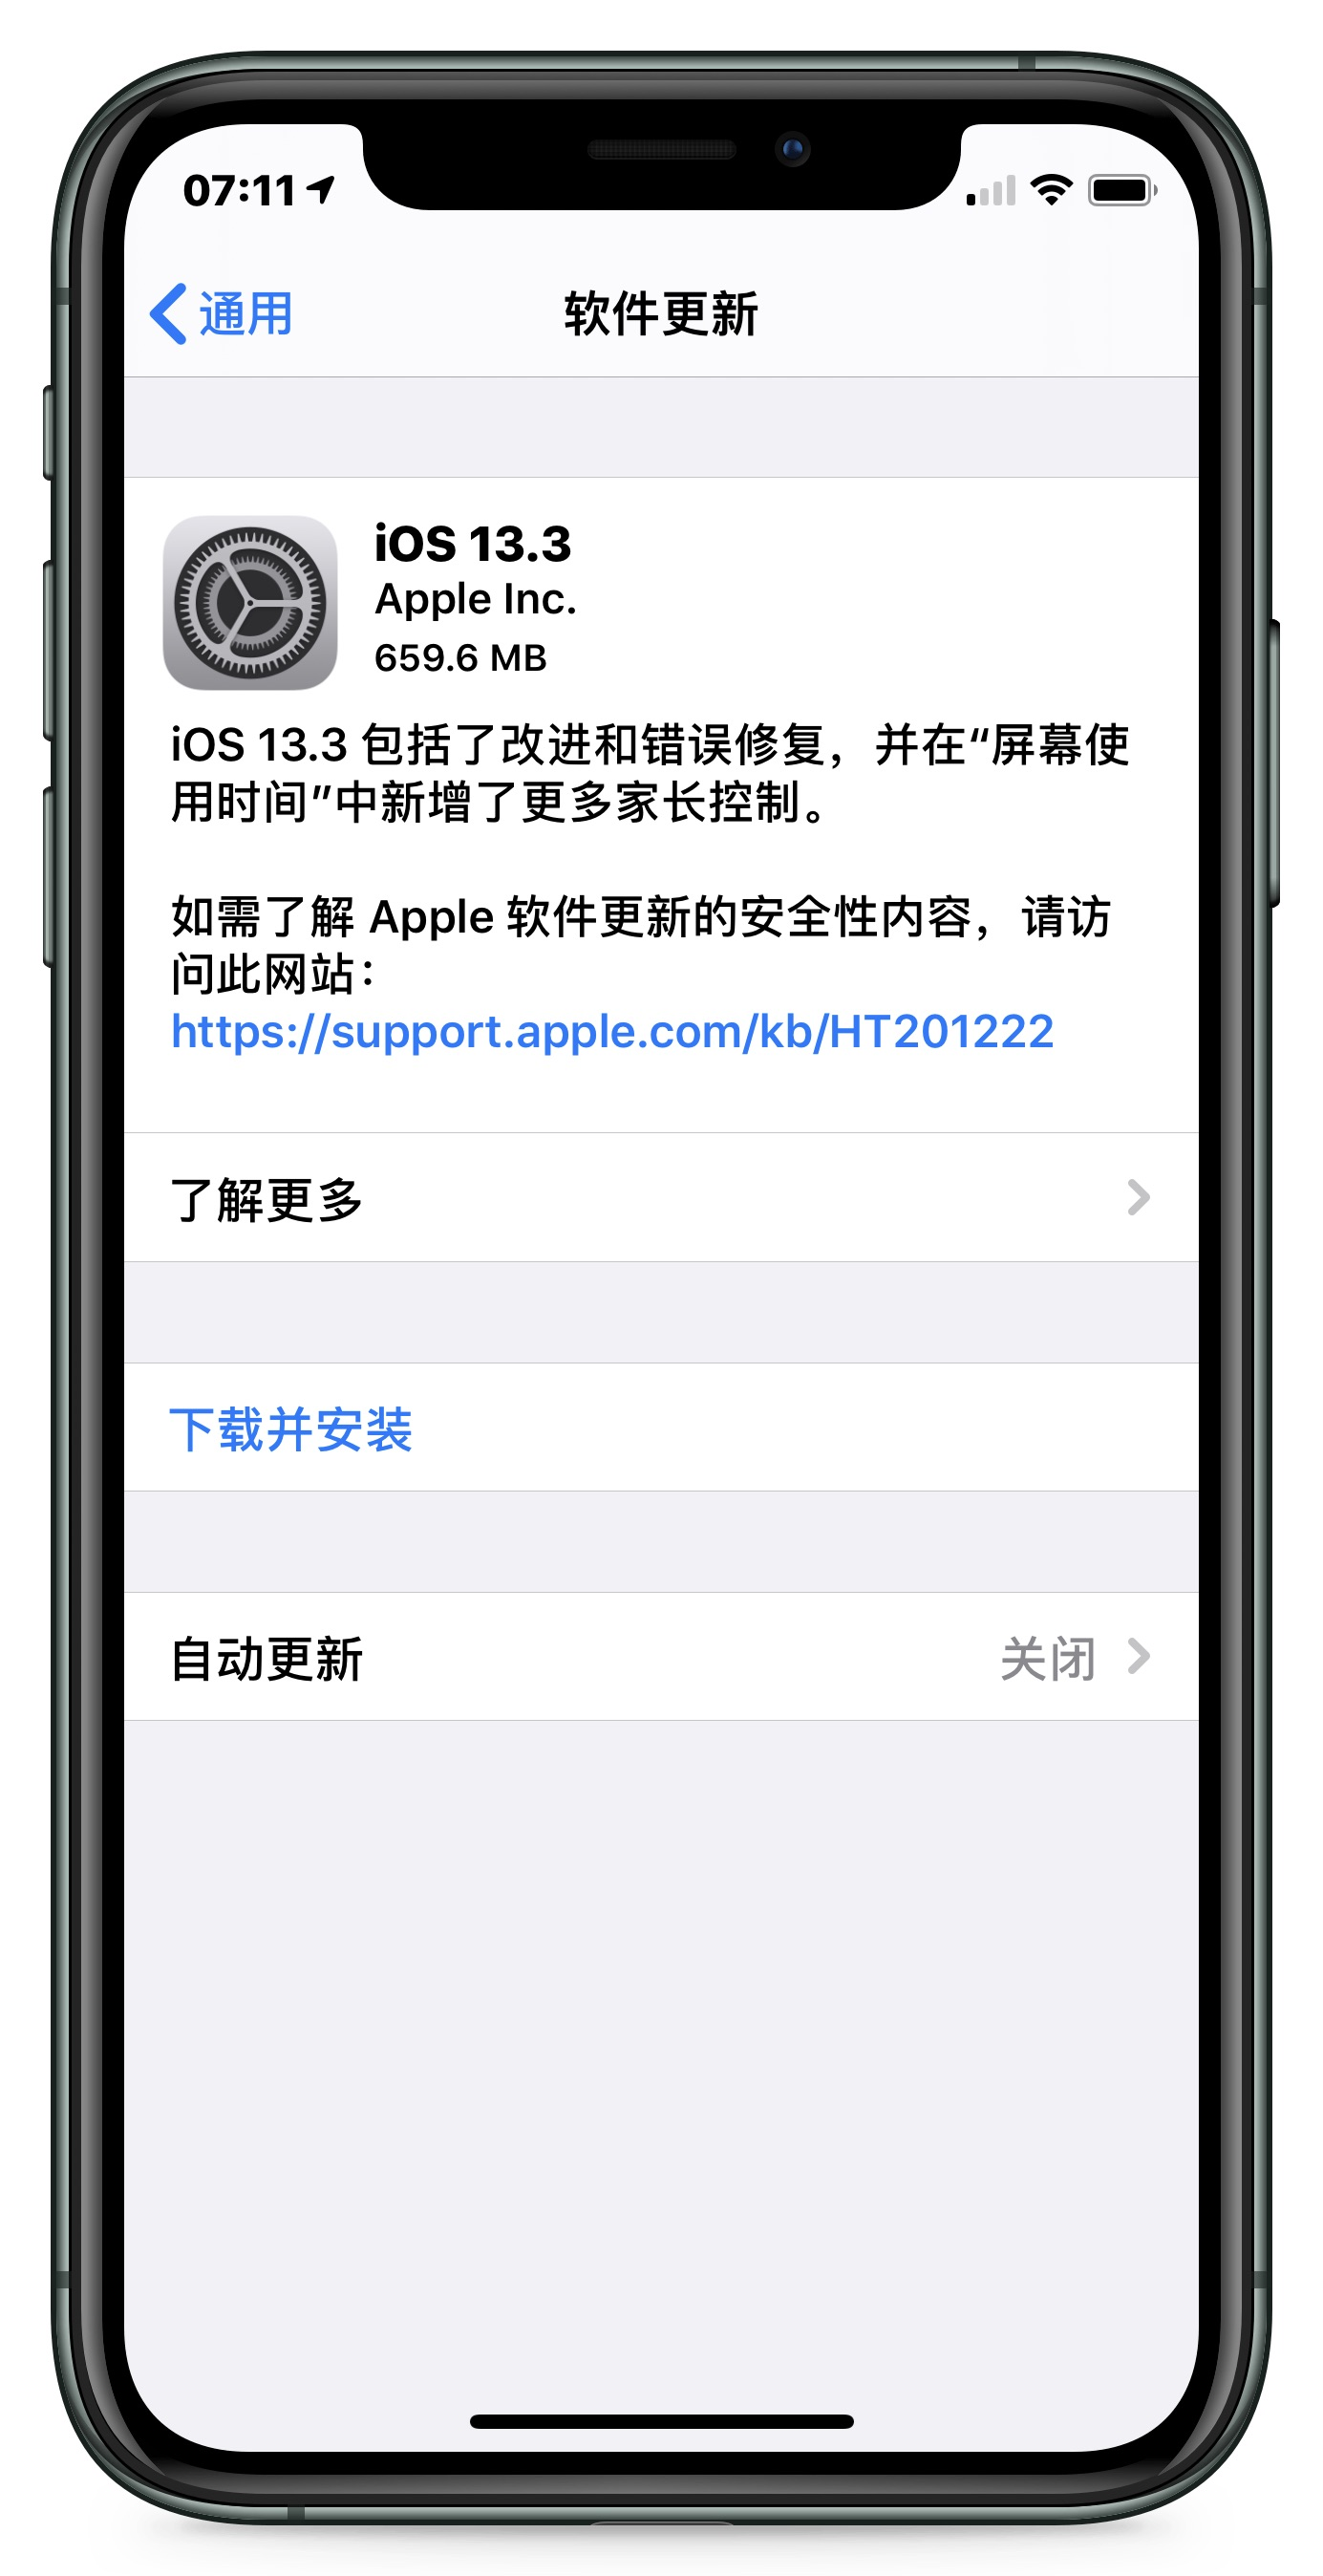 iOS 13.3正式版更新内容及升级方法